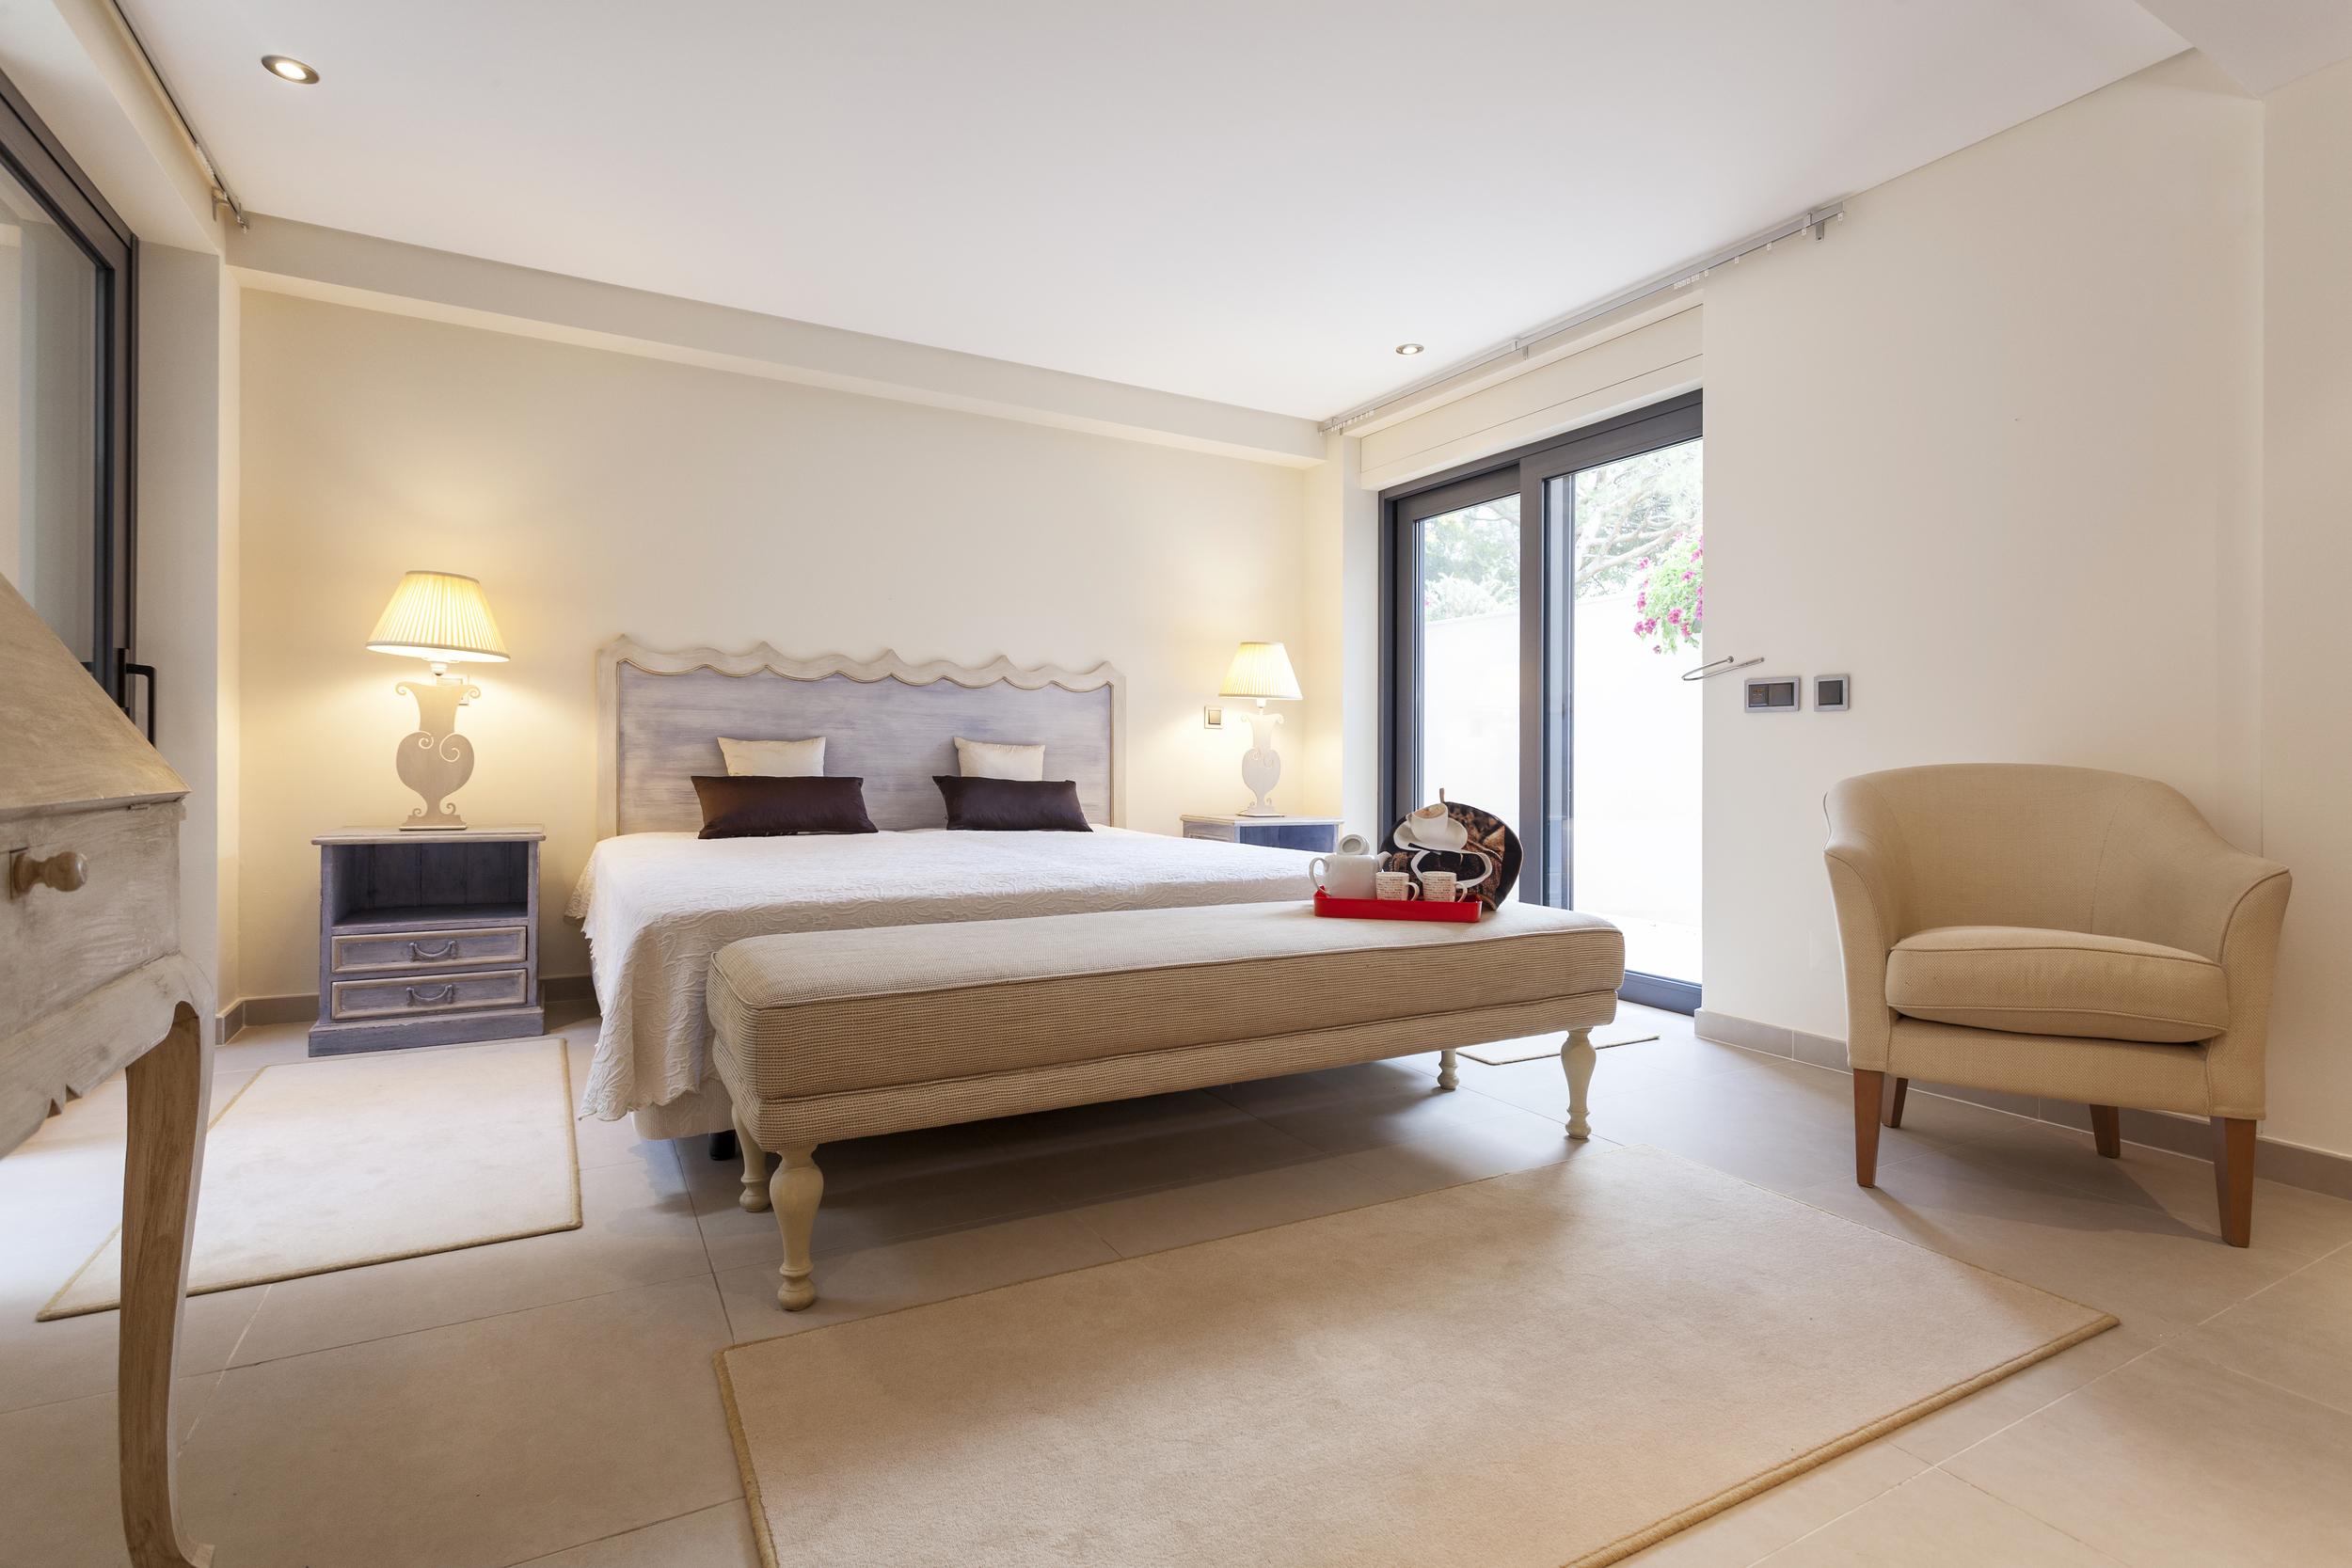 4 bedroom villa to rent in Quinta do Lago, RLV, Villa Serpentine,27.jpg